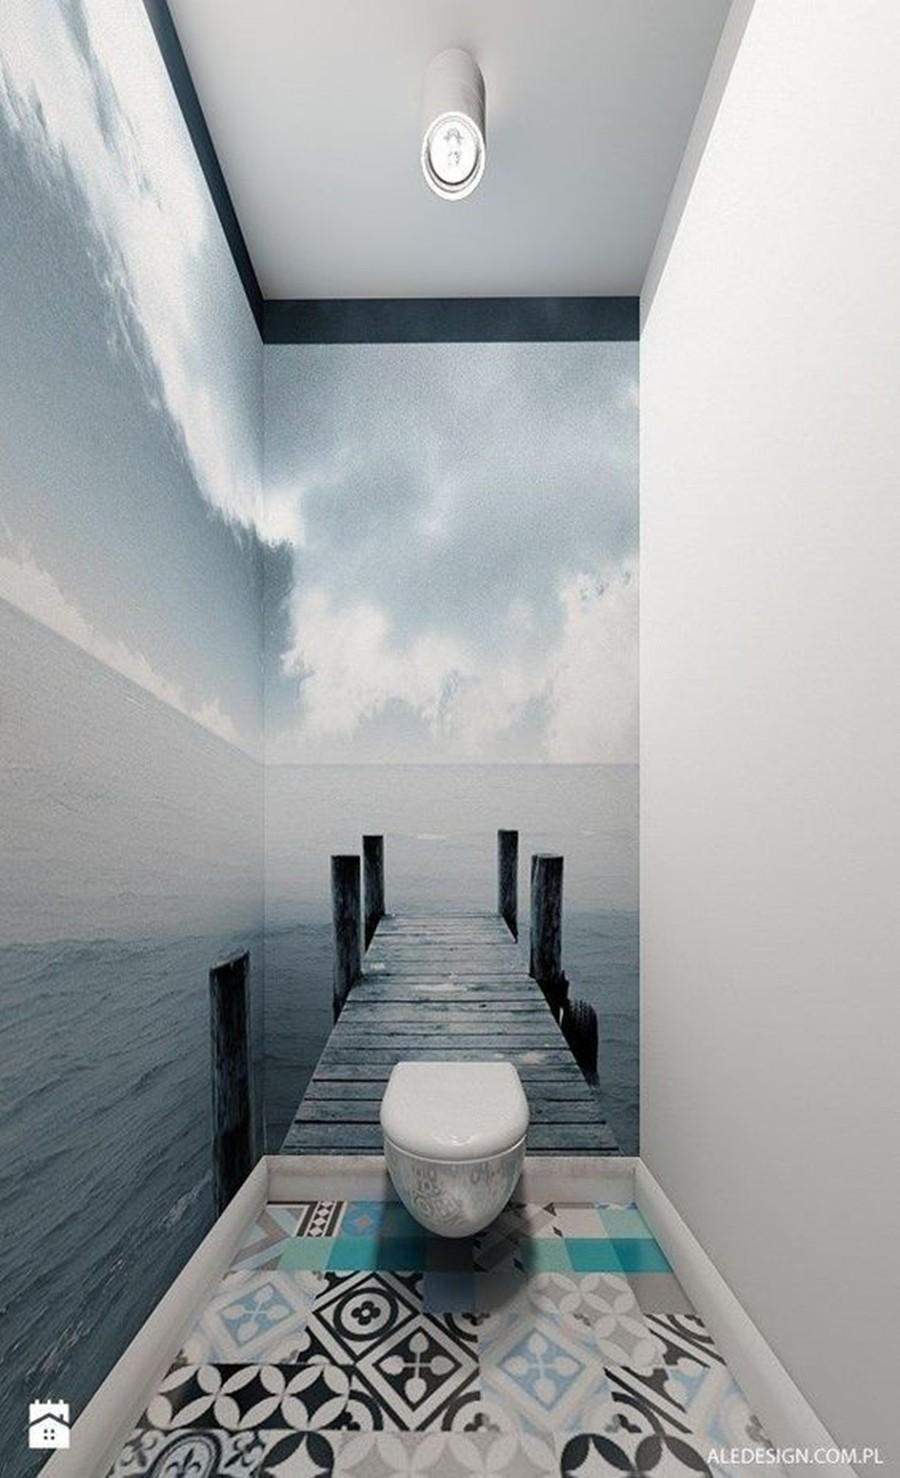 painel fotográfico no banheiro